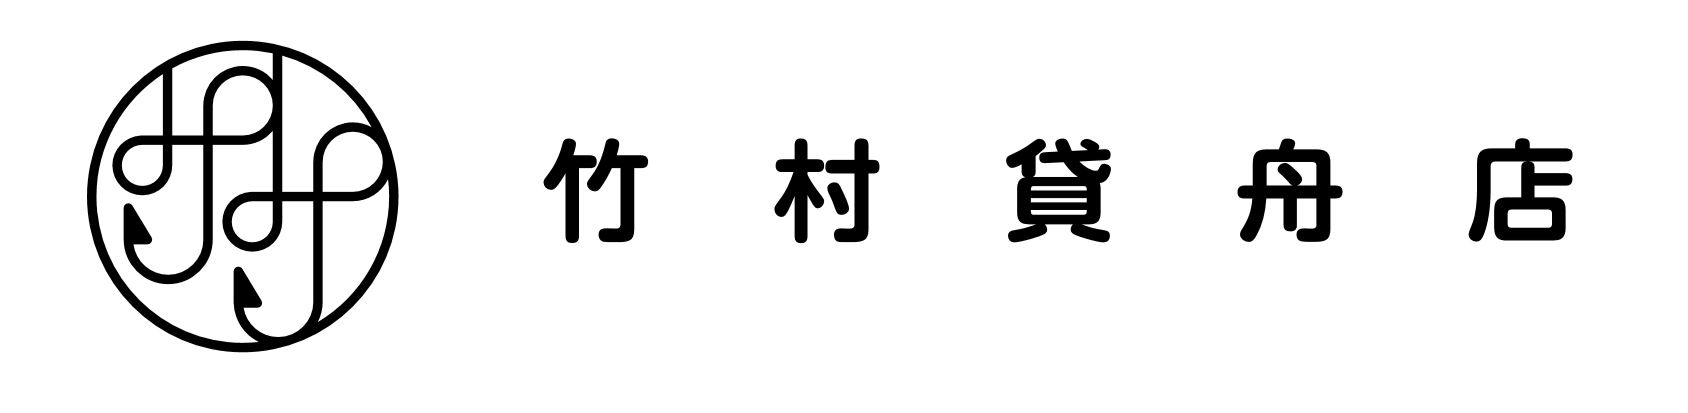 竹村貸舟店